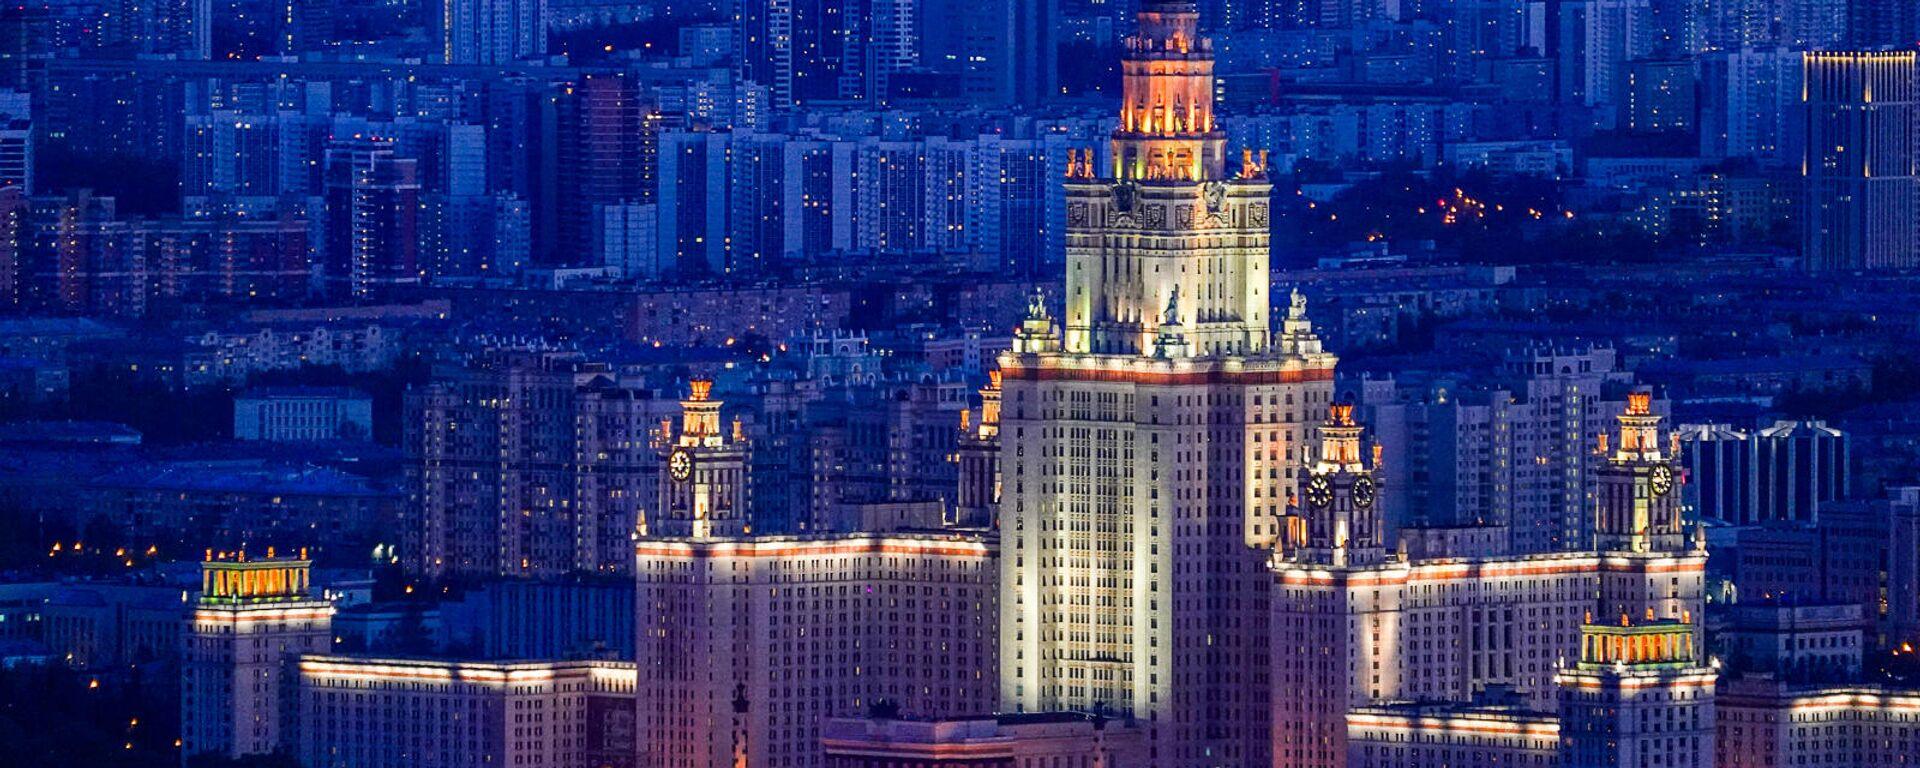 Μόσχα - Sputnik Ελλάδα, 1920, 16.08.2021